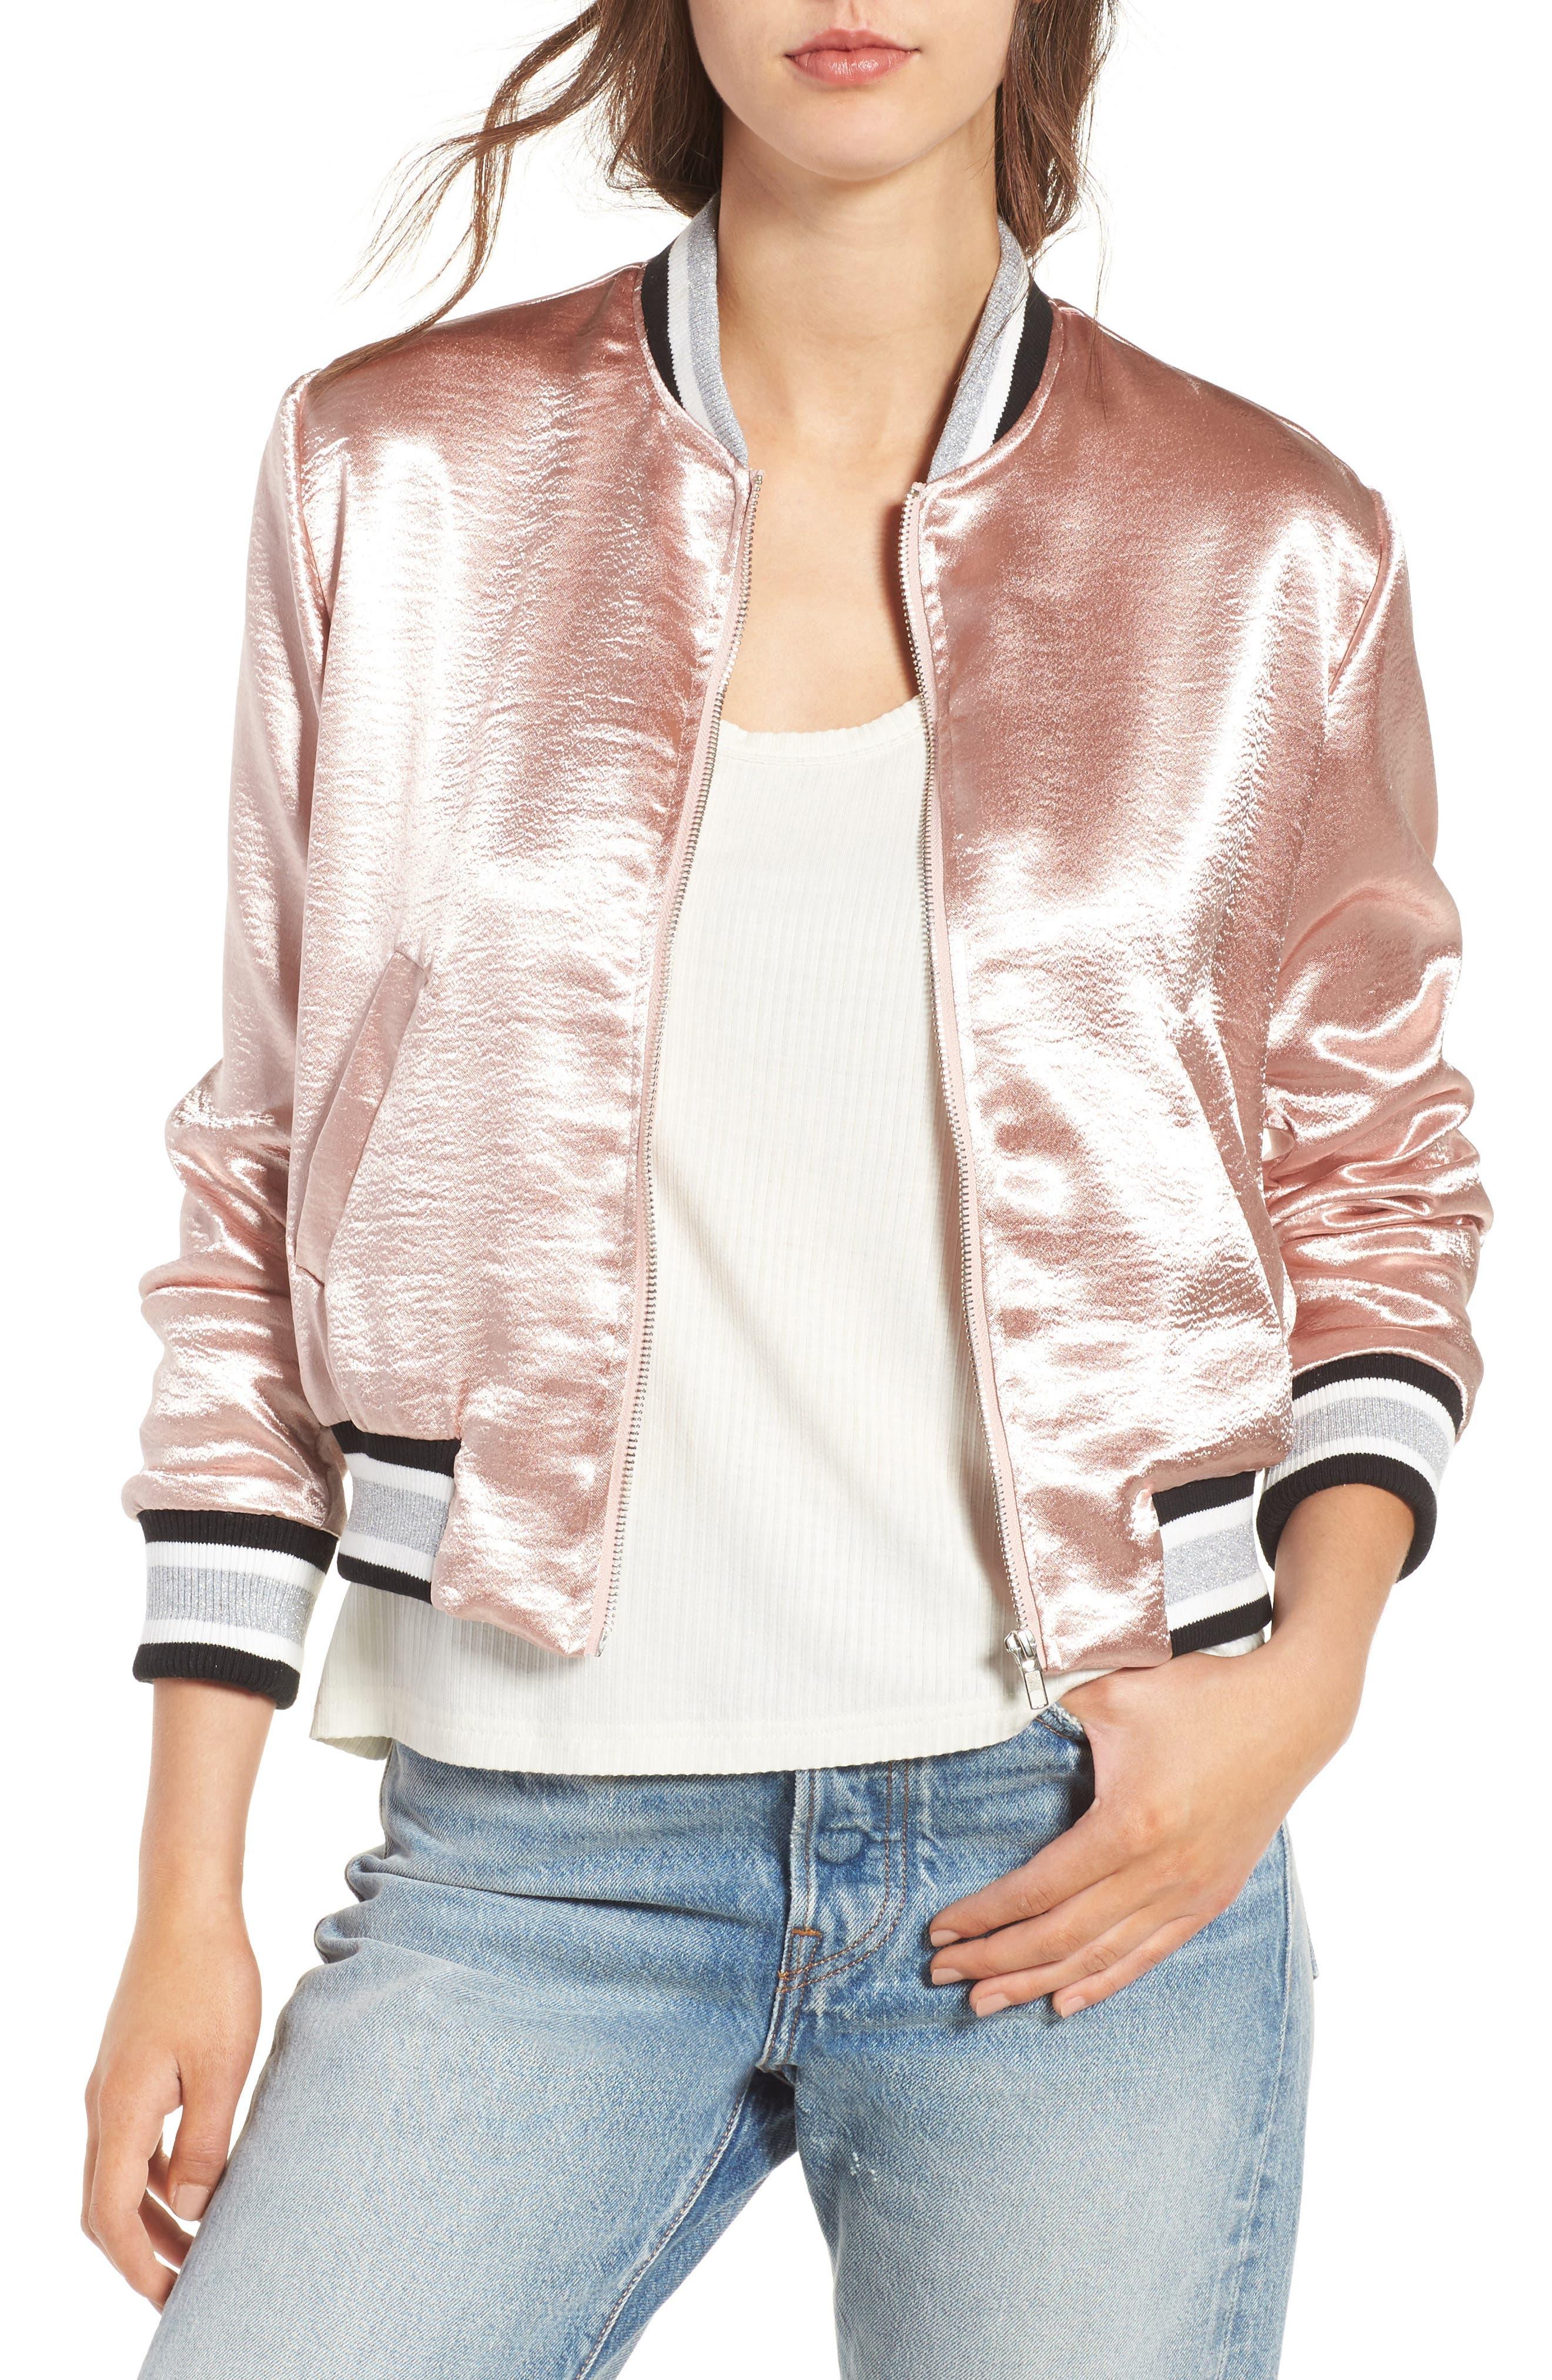 Alternate Image 1 Selected - Elodie Satin Varsity Jacket